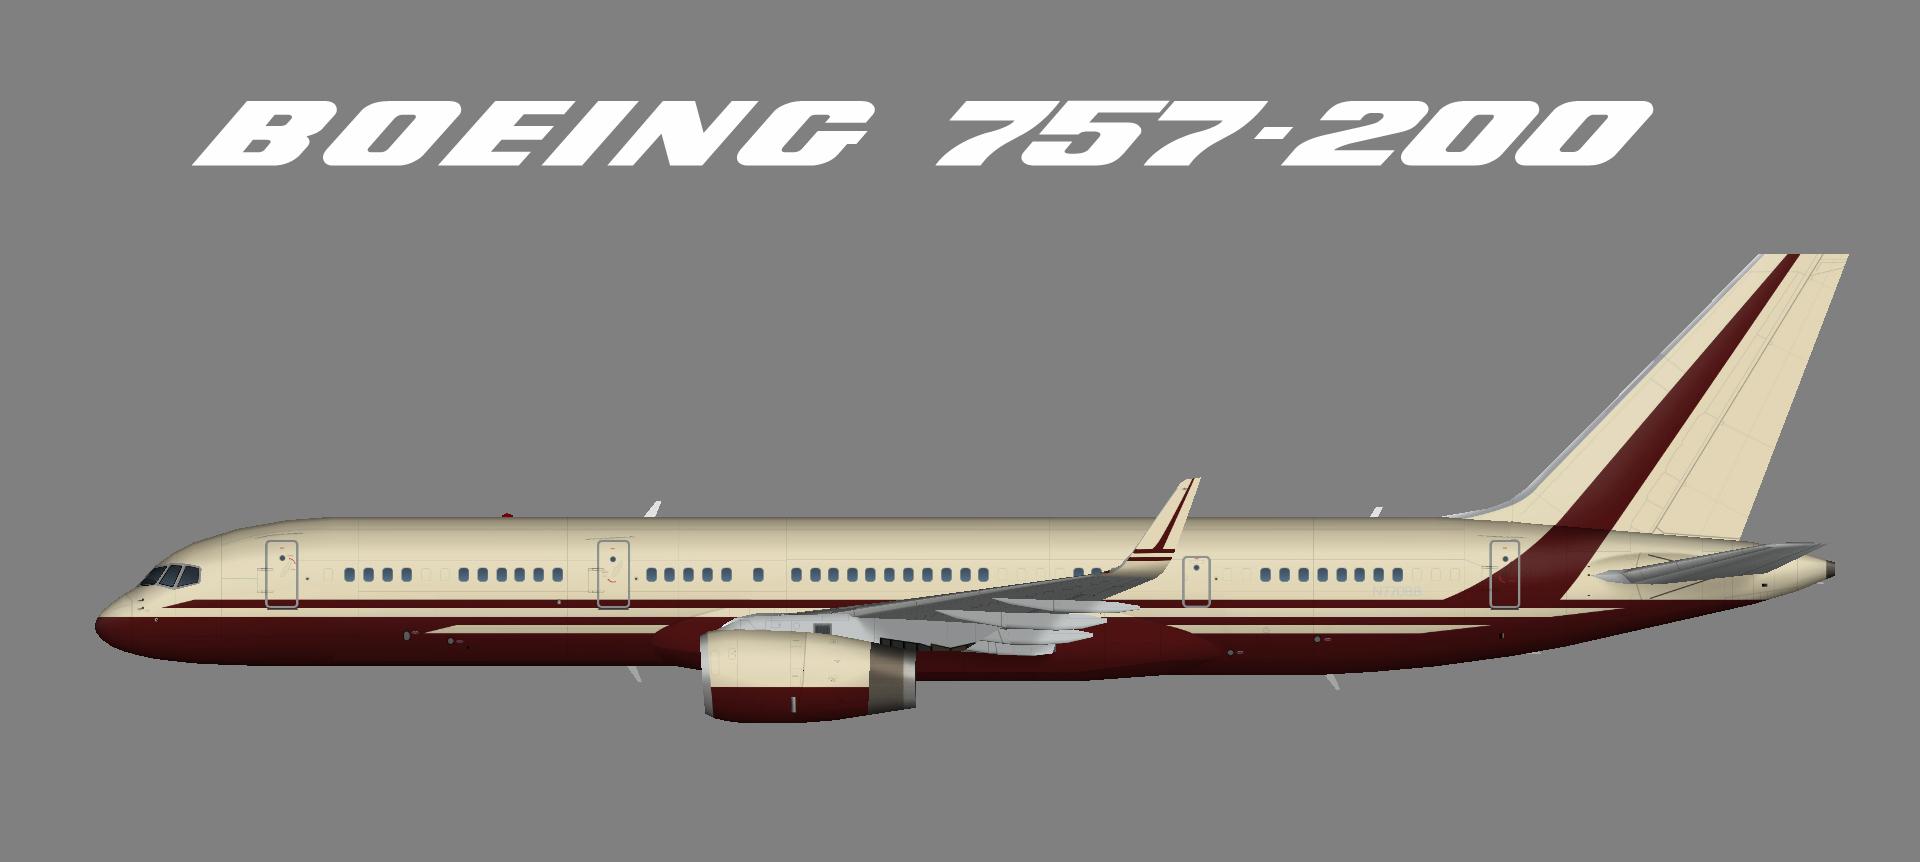 The Yucaipa Companies 757-200